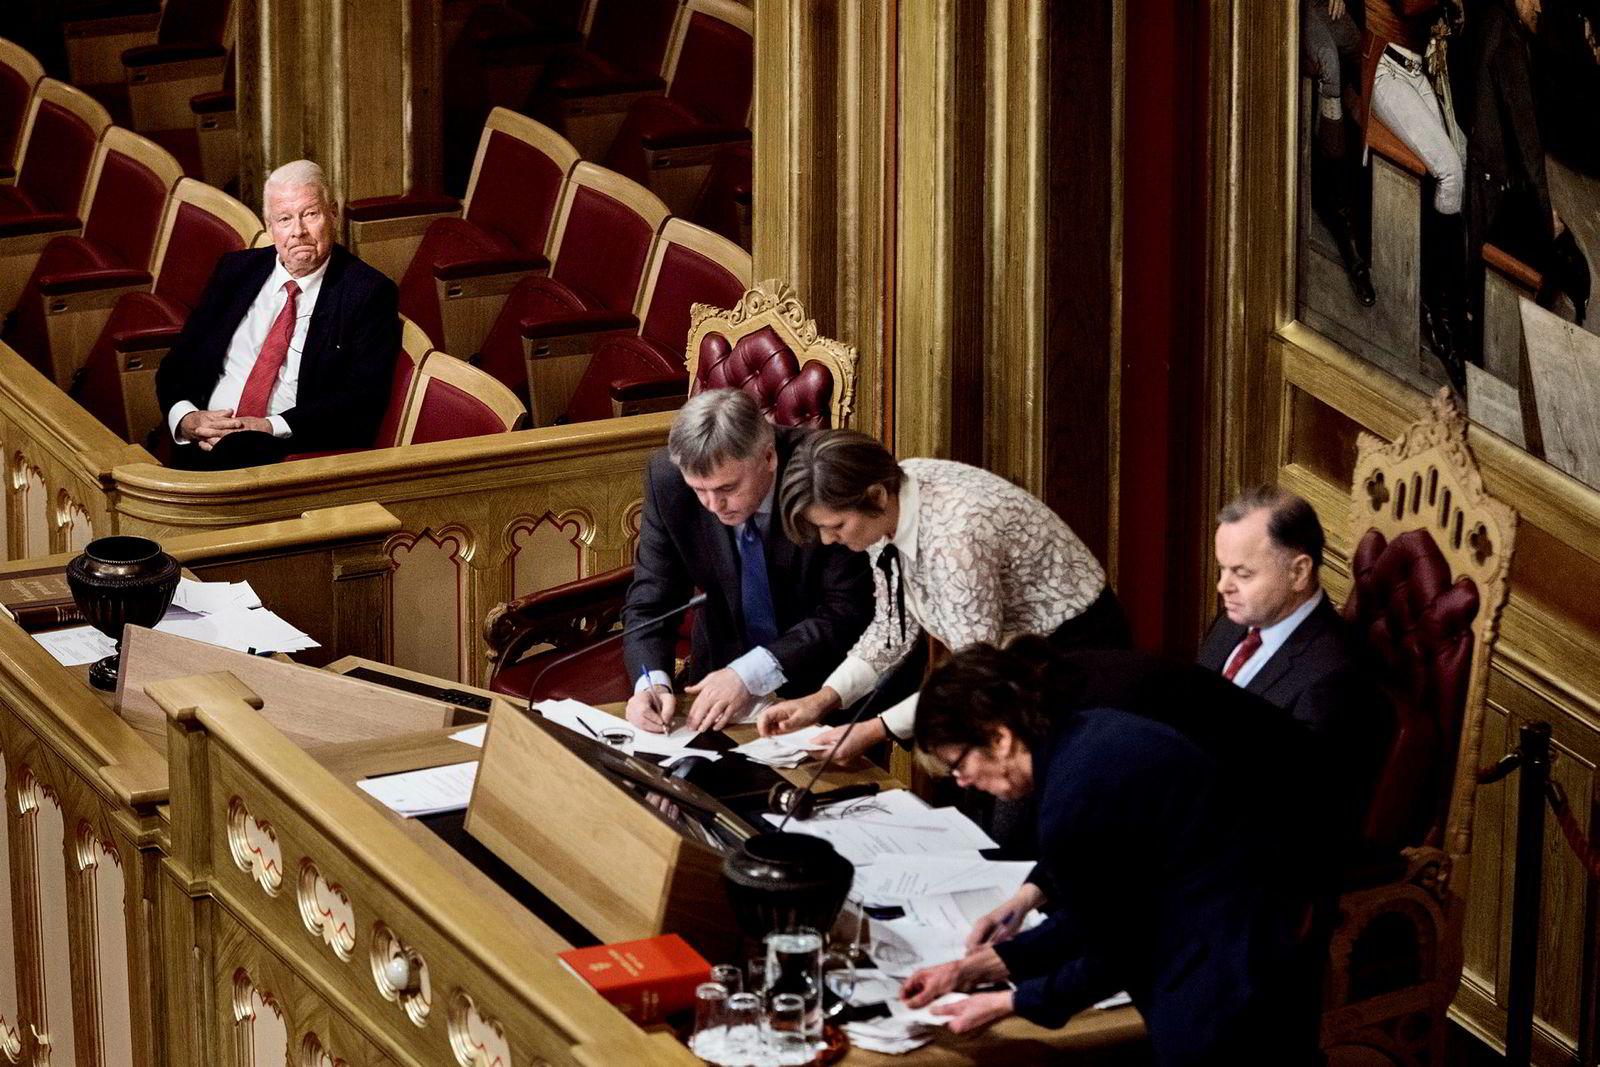 Carl I. Hagen sitter på sidelinjen i Stortinget, mens stemmene som setter en endelig stopp for hans drøm om plass i Nobelkomiteen blir talt opp.